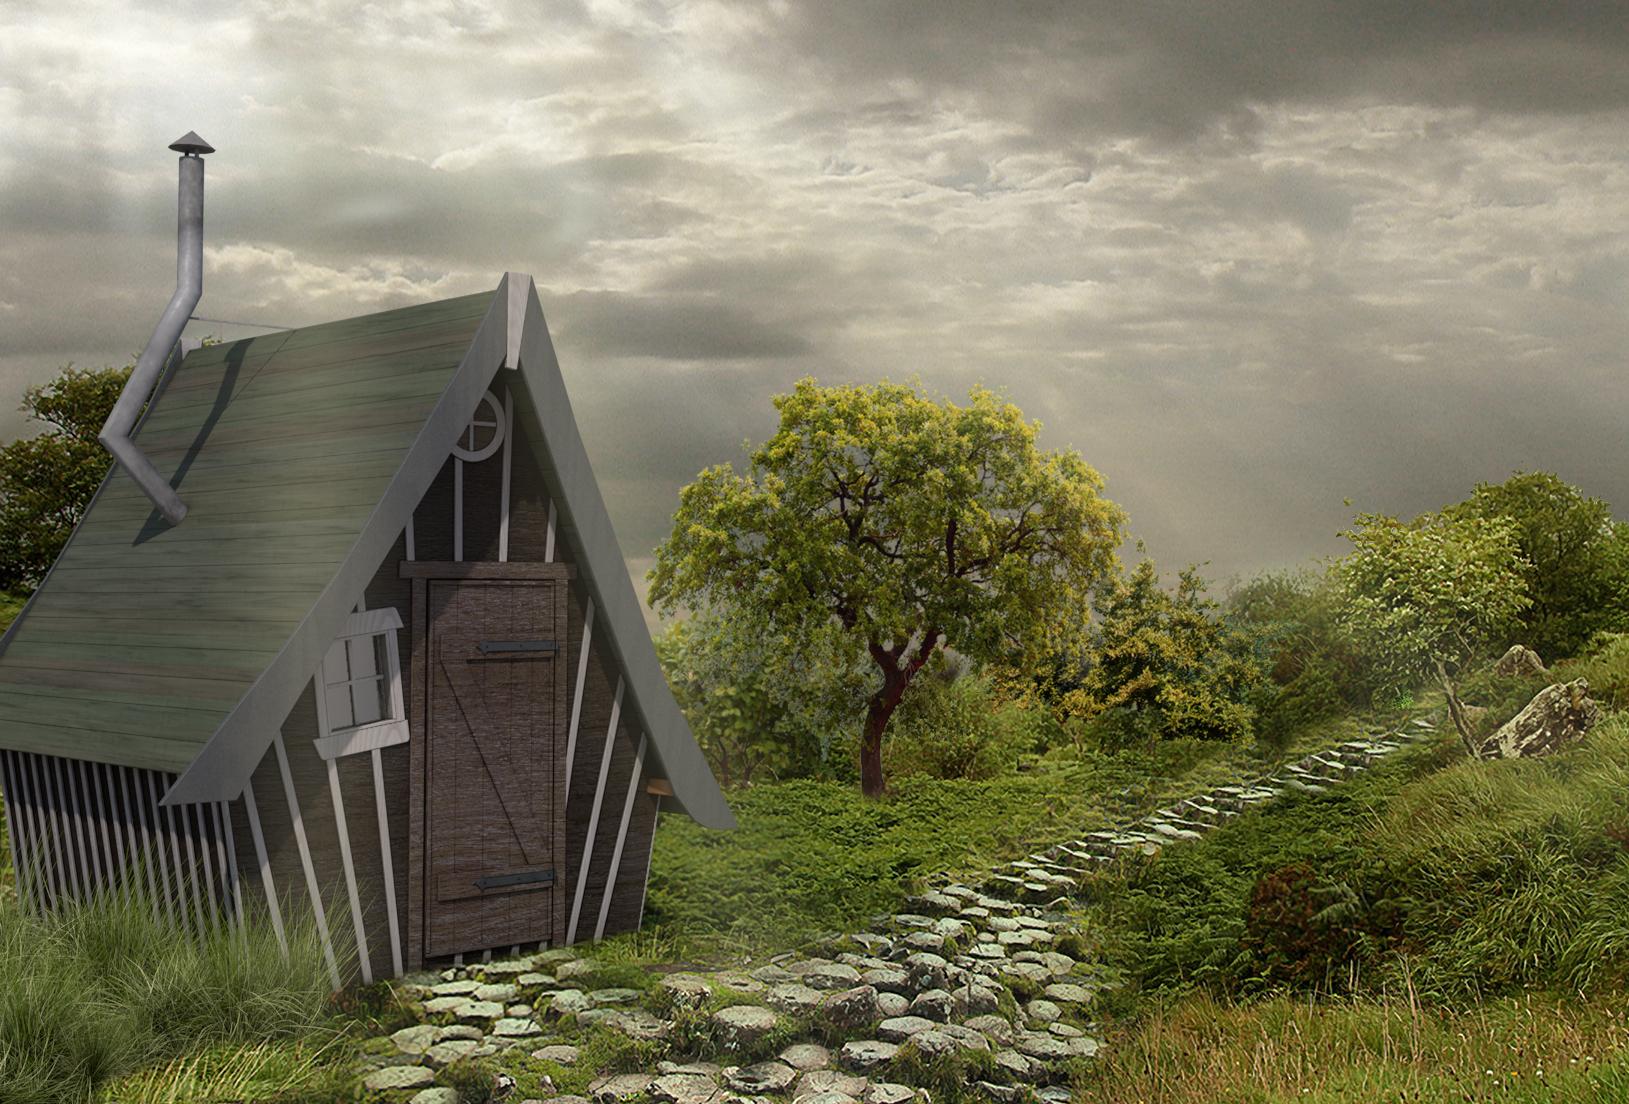 Fabriquer Une Cabane En Bois Sur Pilotis : Une Cabane En Bois Sur Pilotis 1 Comment Construire Une Cabane En B